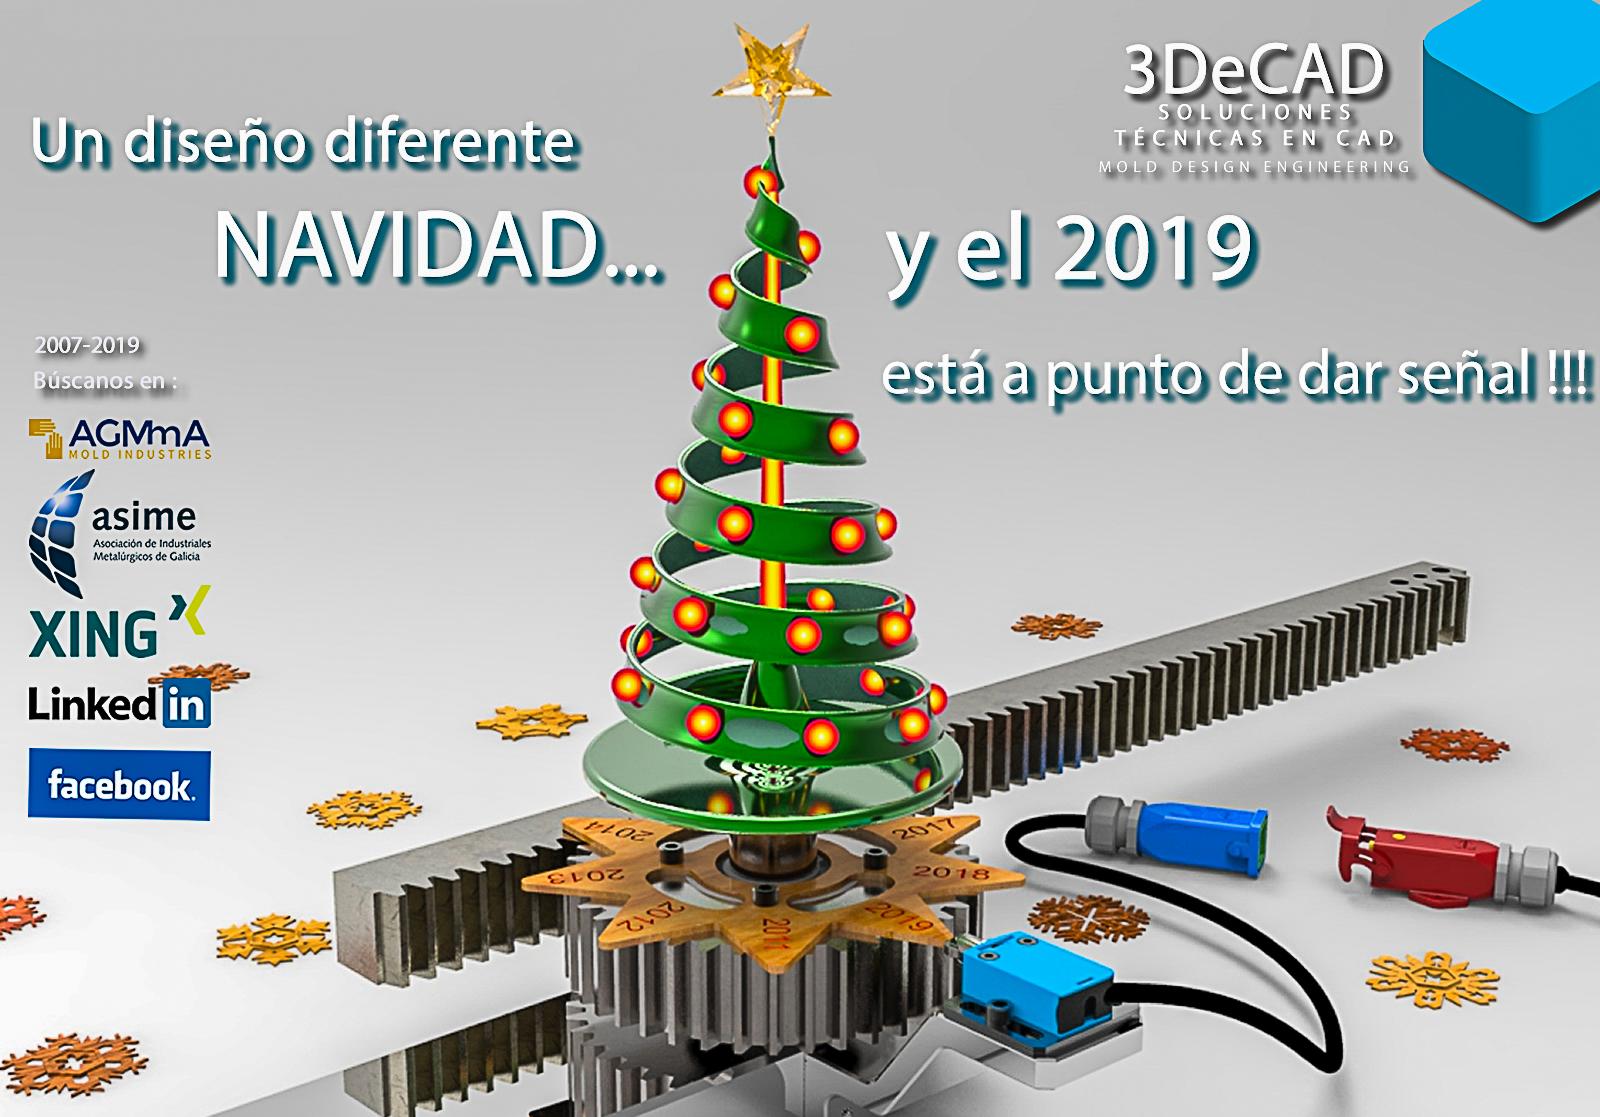 Imagenes Felicitacion Navidad 2019.Navidad Y El 2019 Esta A Punto De Dar Senal Felicitacion